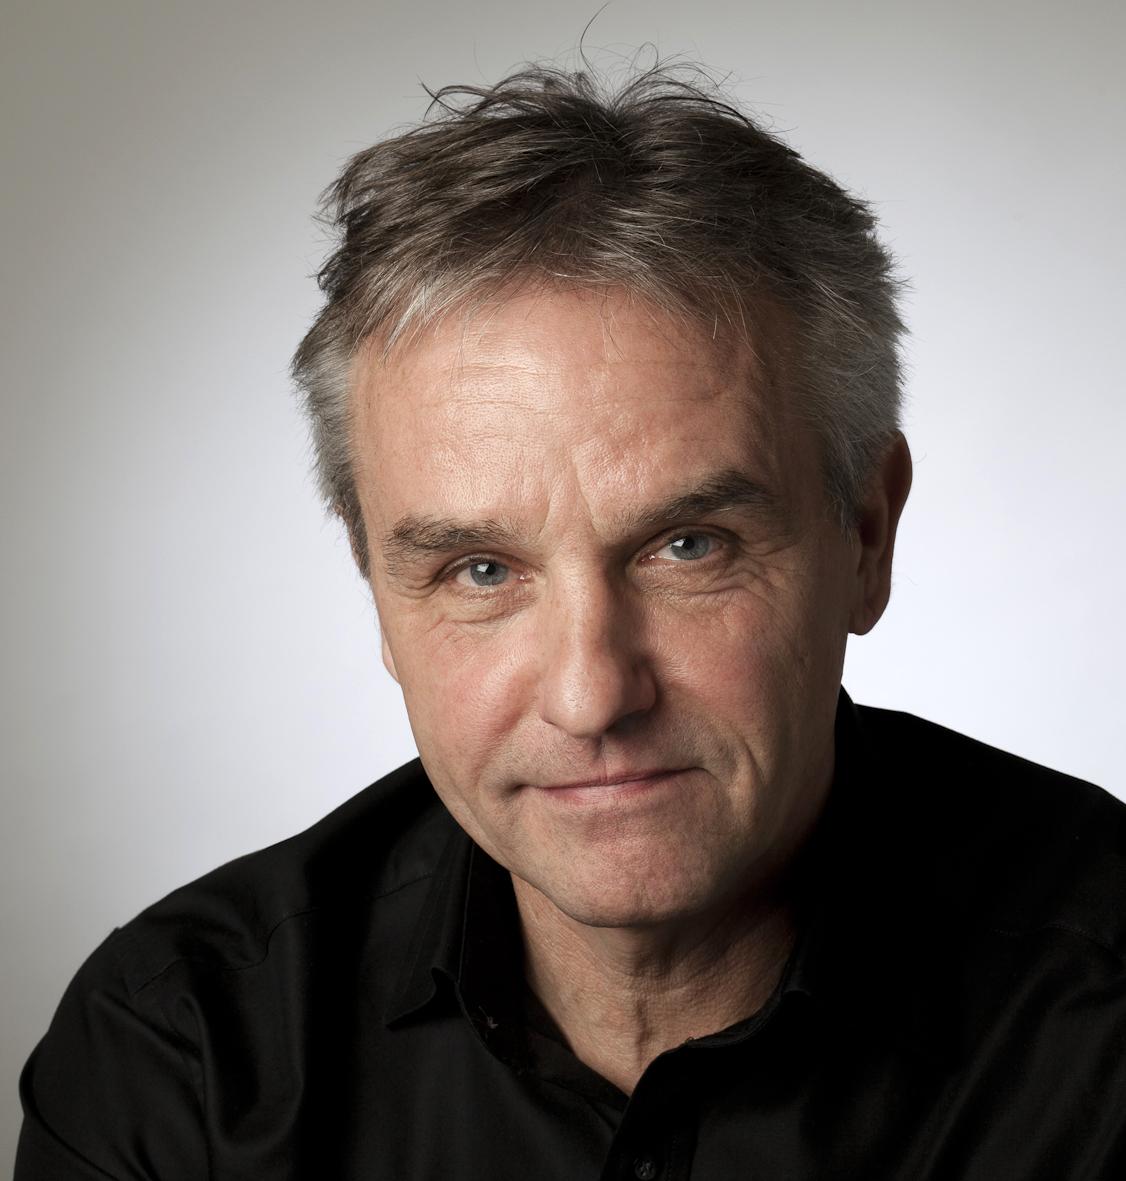 Forfatter Jens Andersen, modtager af Dansk Svensk Kulturfonds Kulturpris 2017